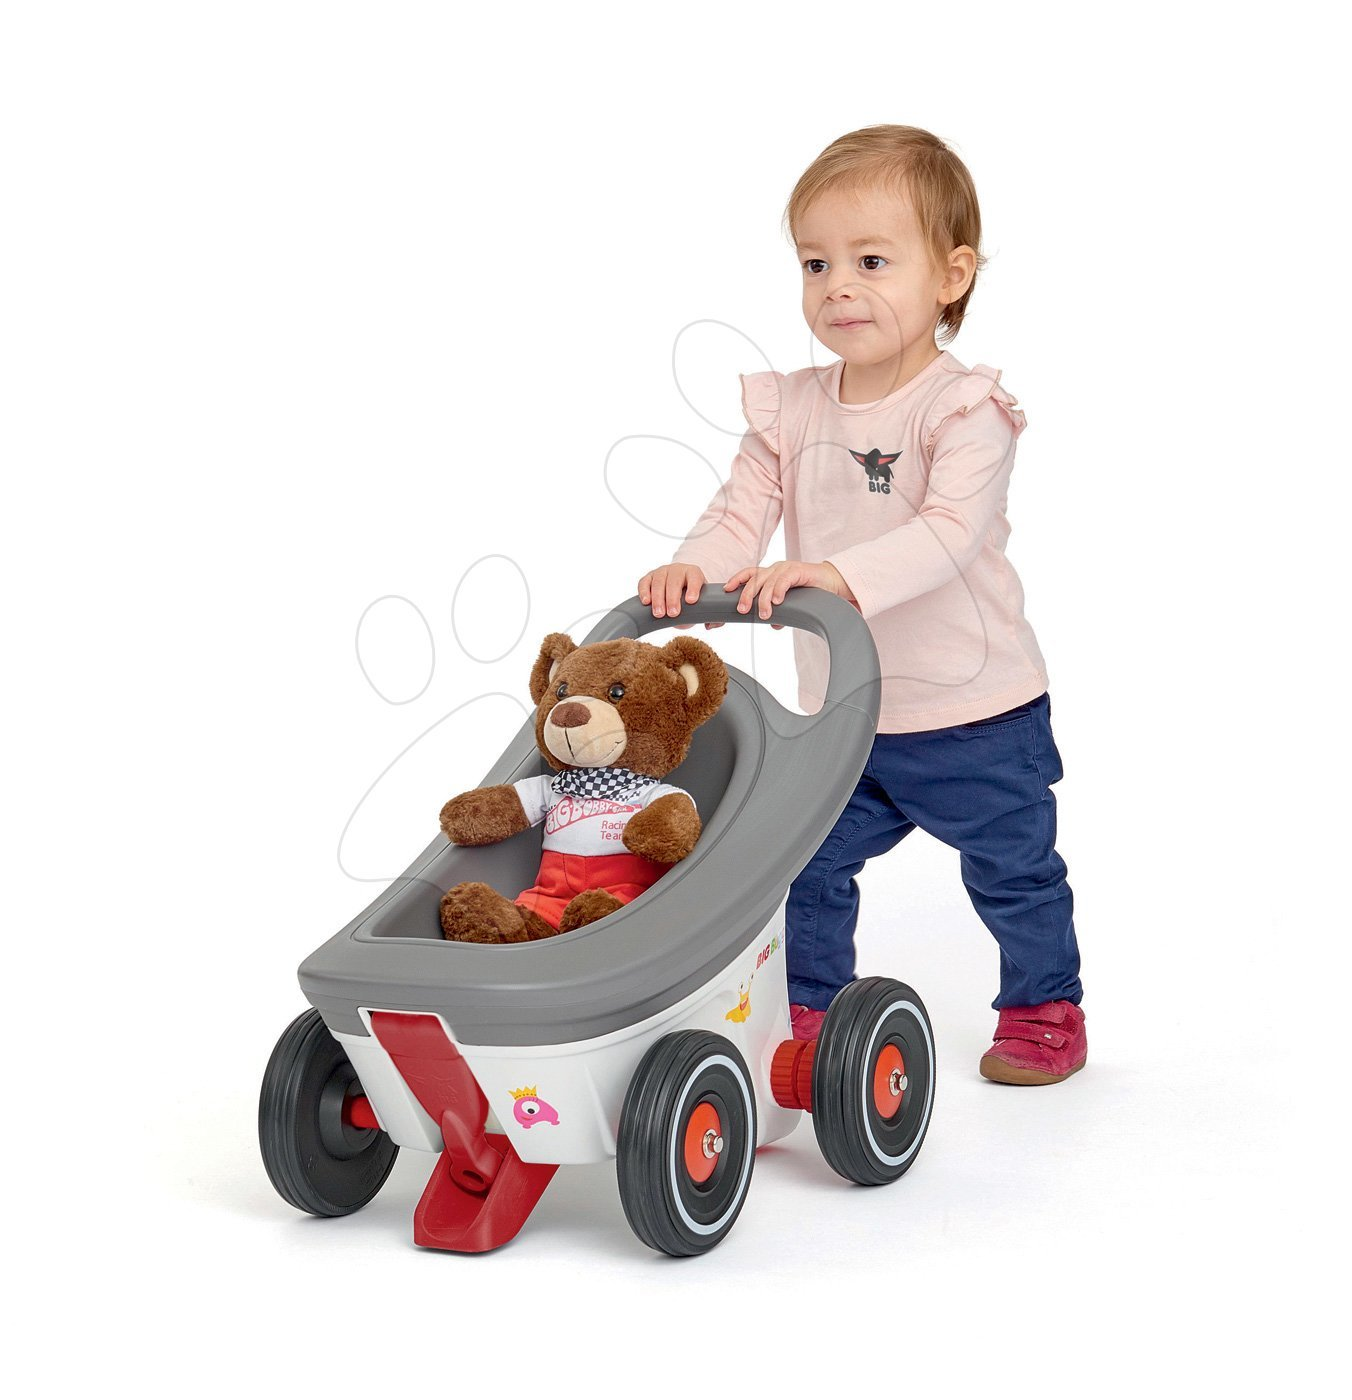 Dětská chodítka - Chodítko a kočárek a přívěs Buggy 3v1 BIG s brzdou ke všem odrážedlům New&Classic&Neo&Next&Scooter od 12 měsíců